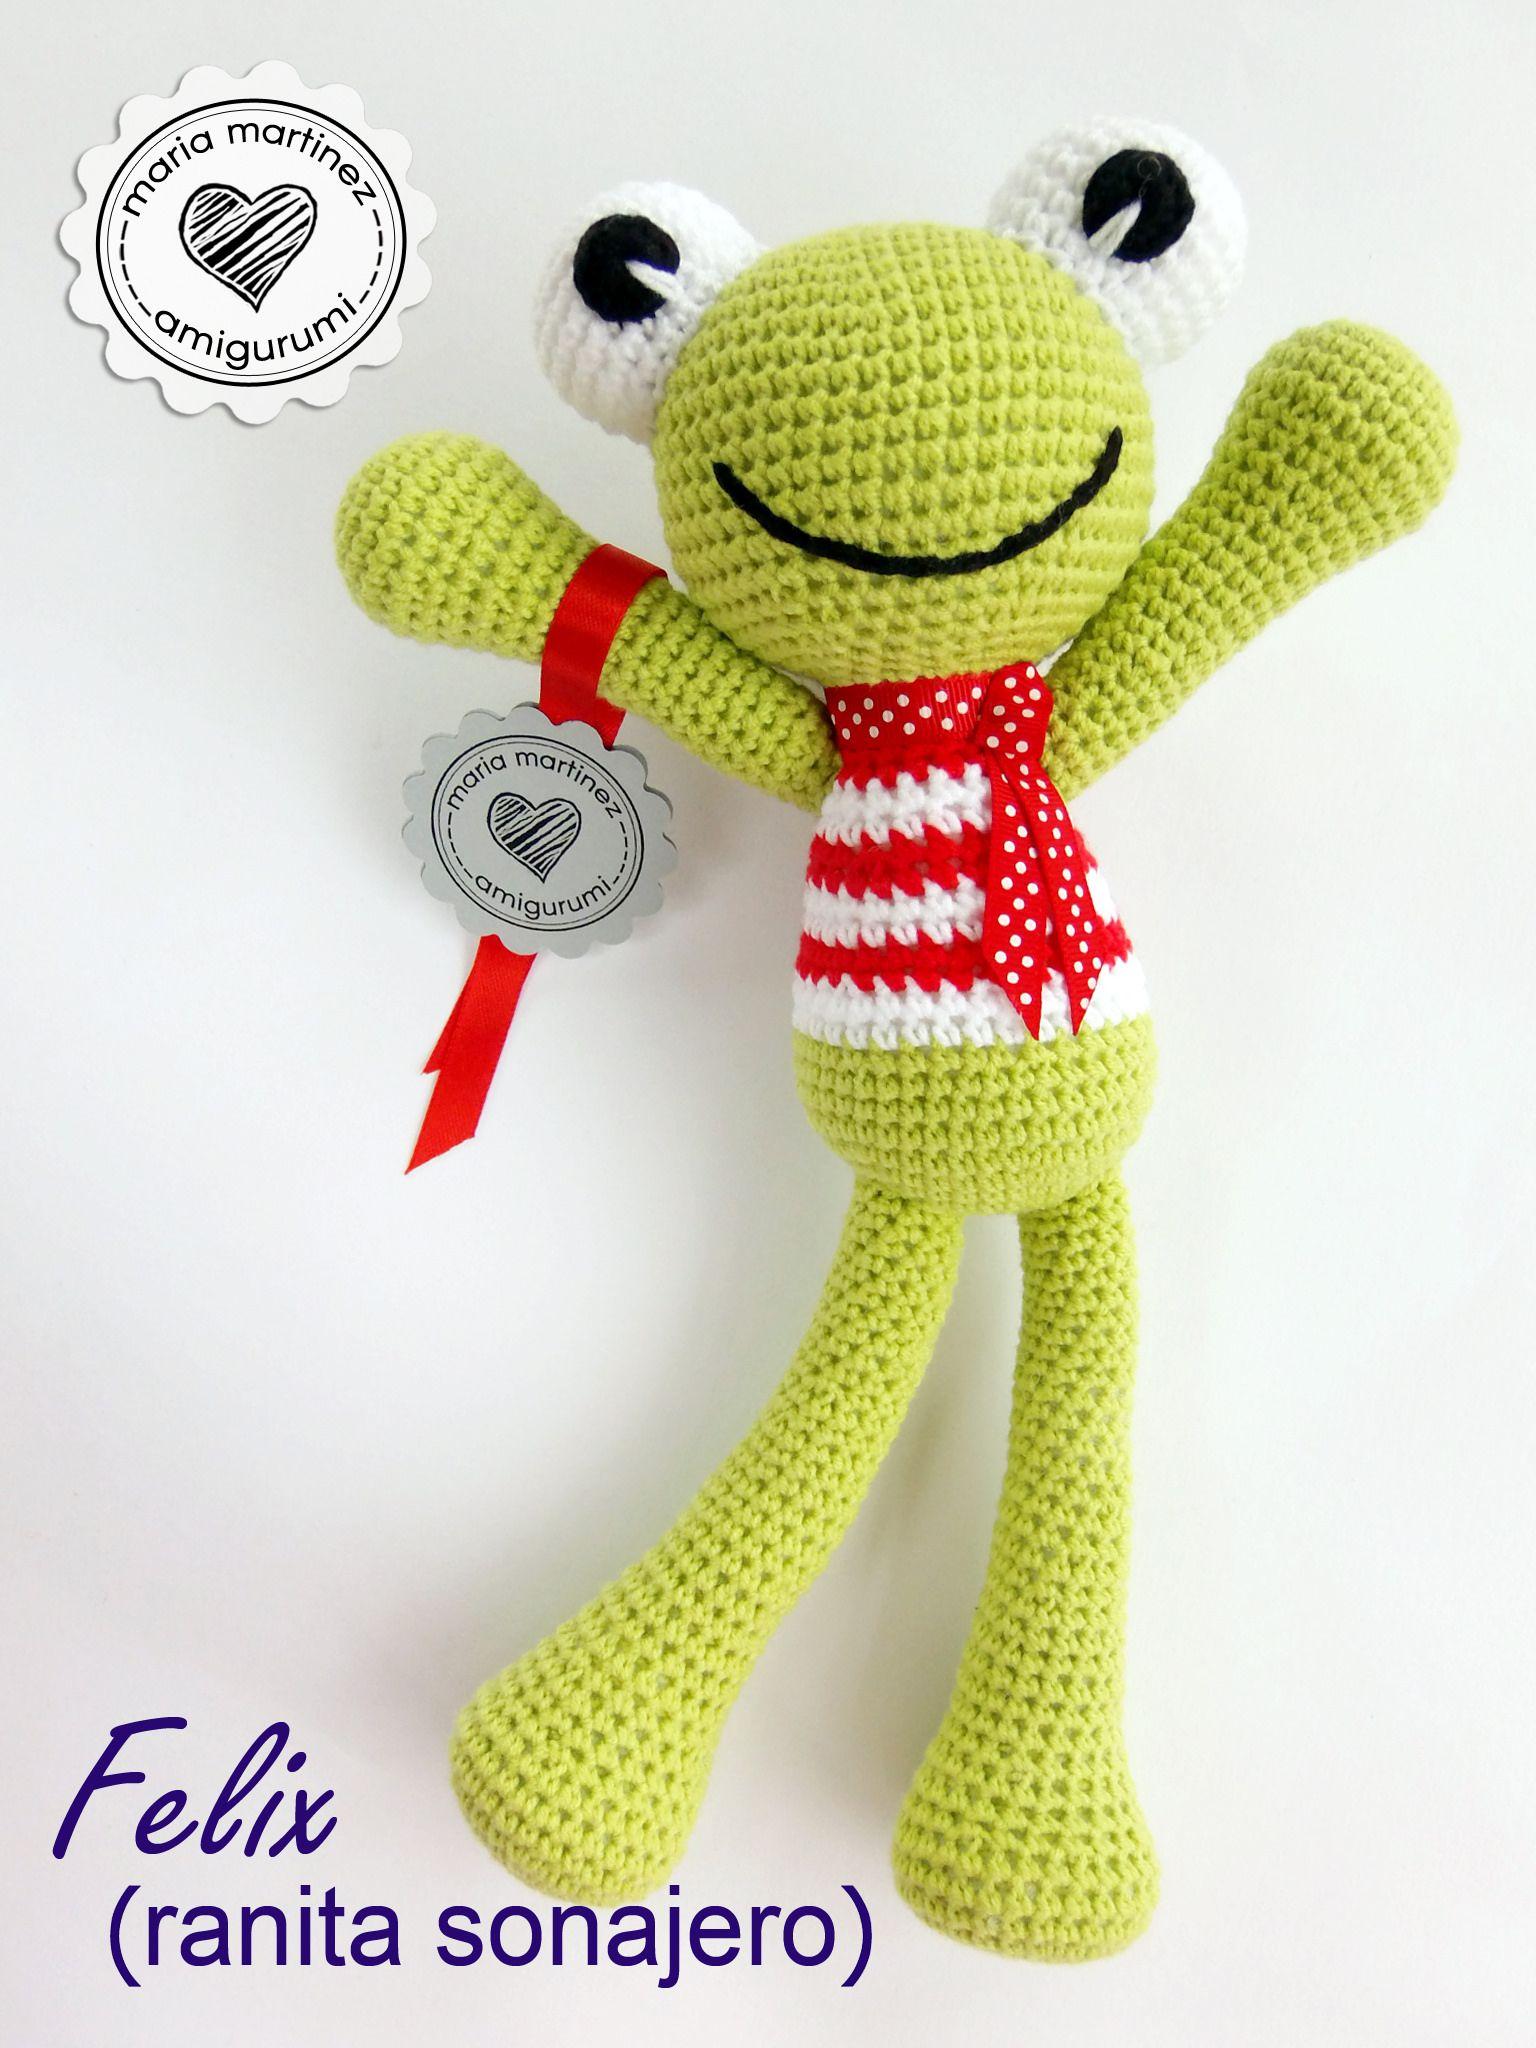 Maria Martinez Amigurumi: Rana Sonajero Crochet | Pinterest ...